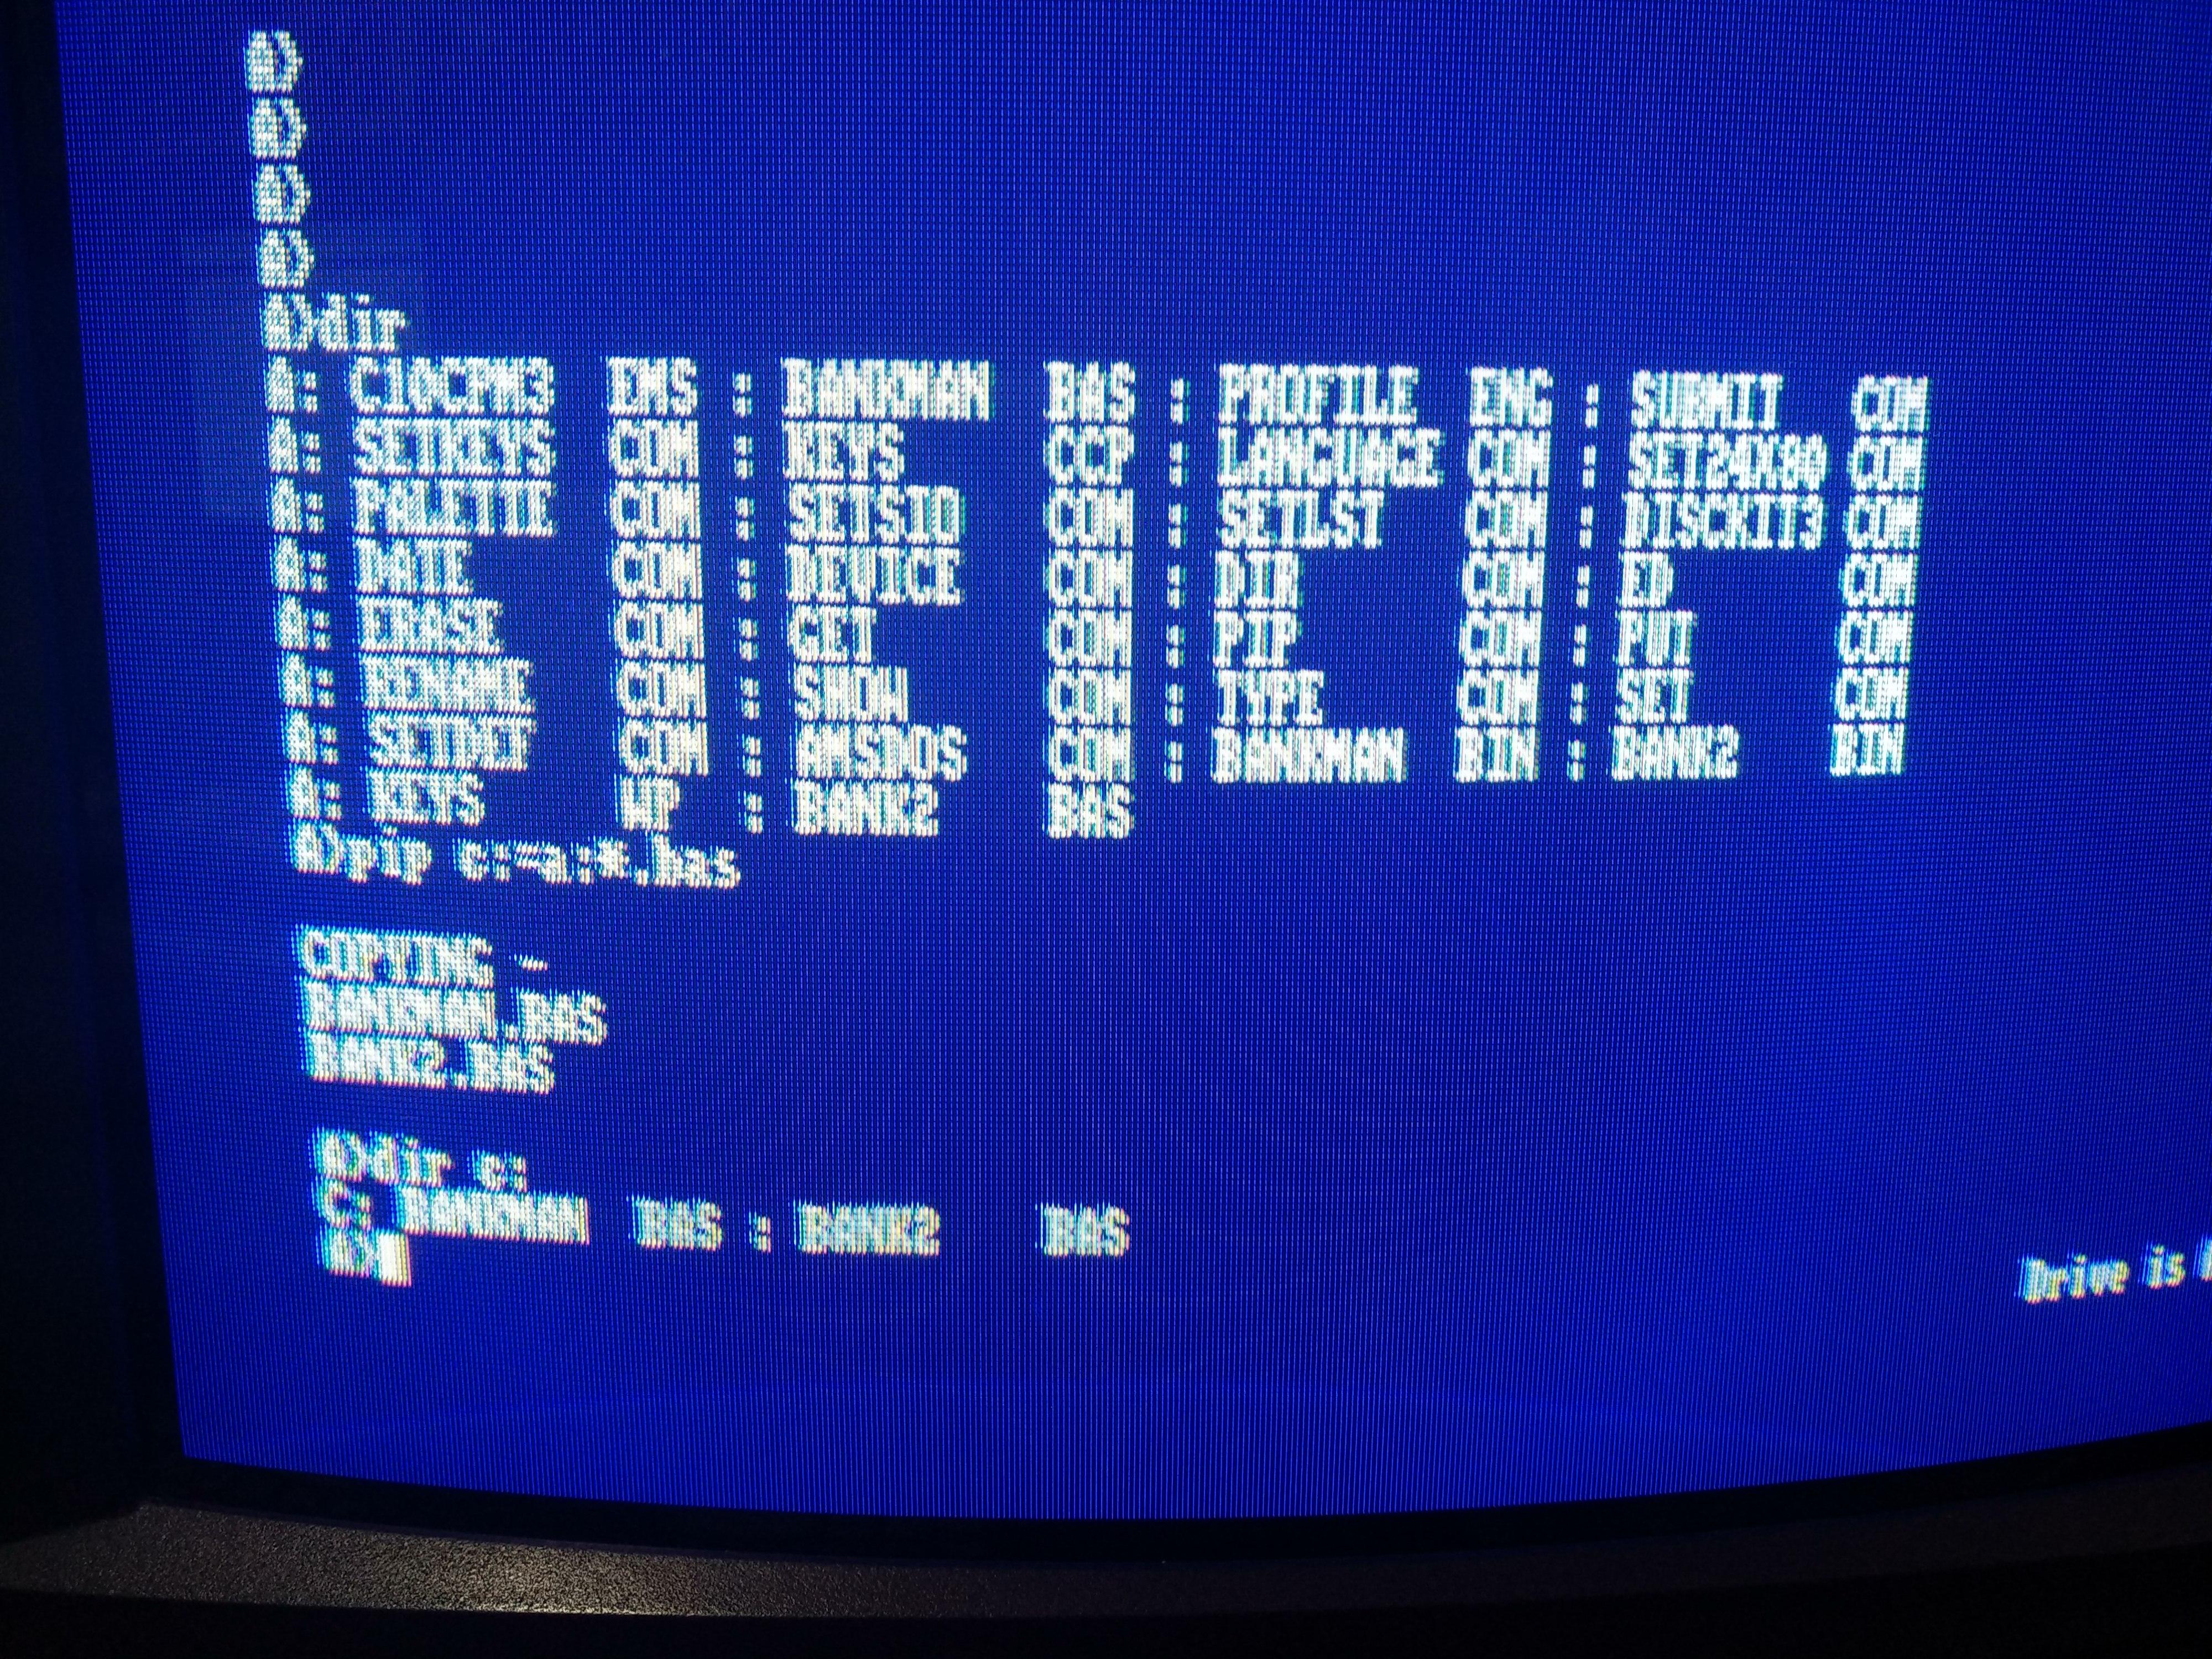 Curso CP/M para Amstrad CPC: Comandos Básicos 6